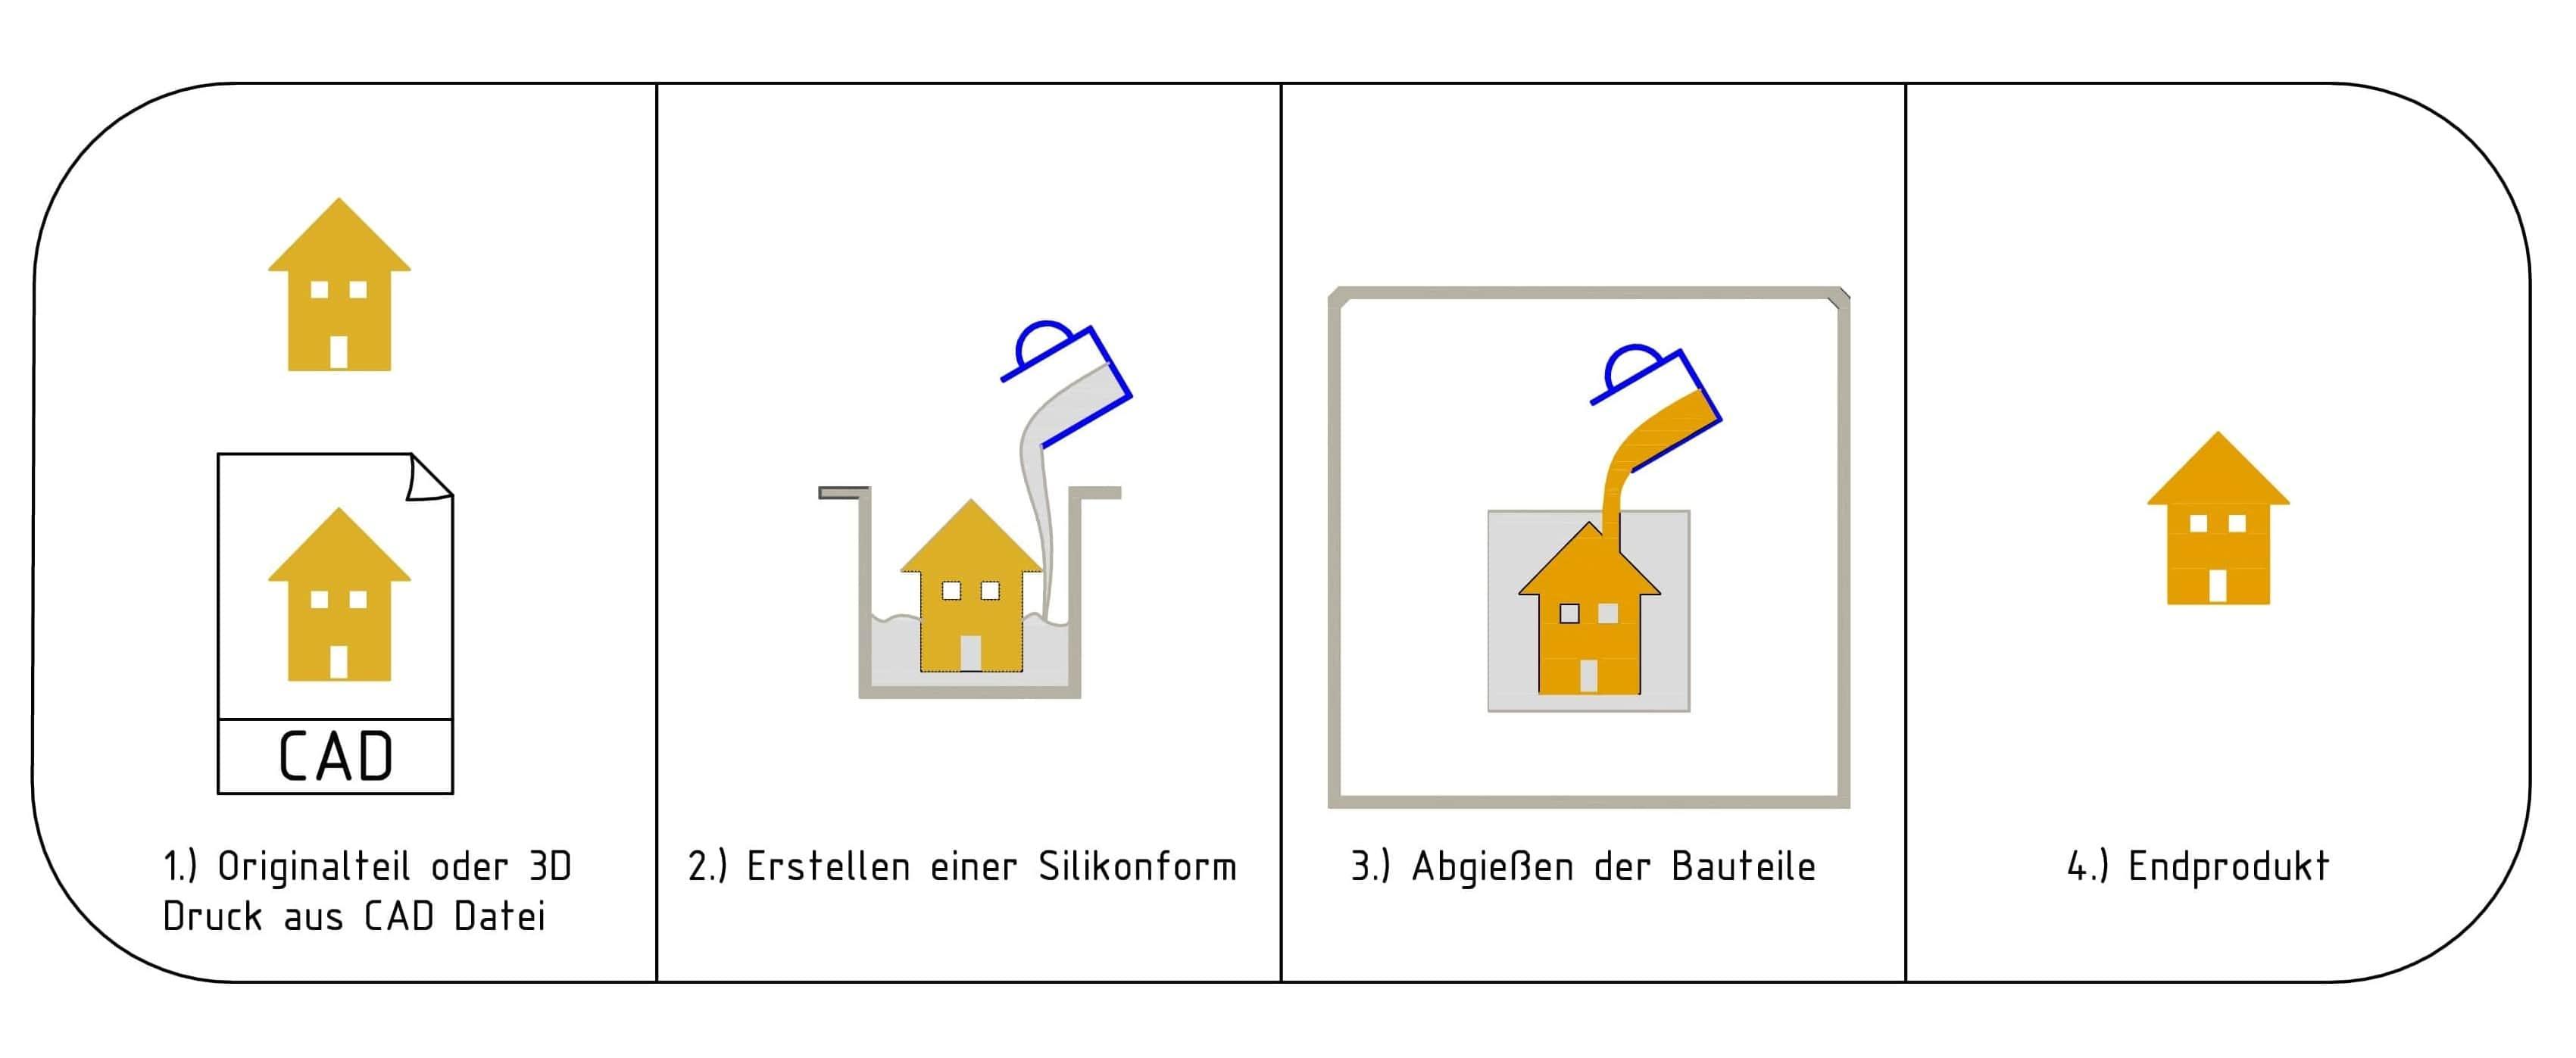 Vakuumguss Prozess Erklärung